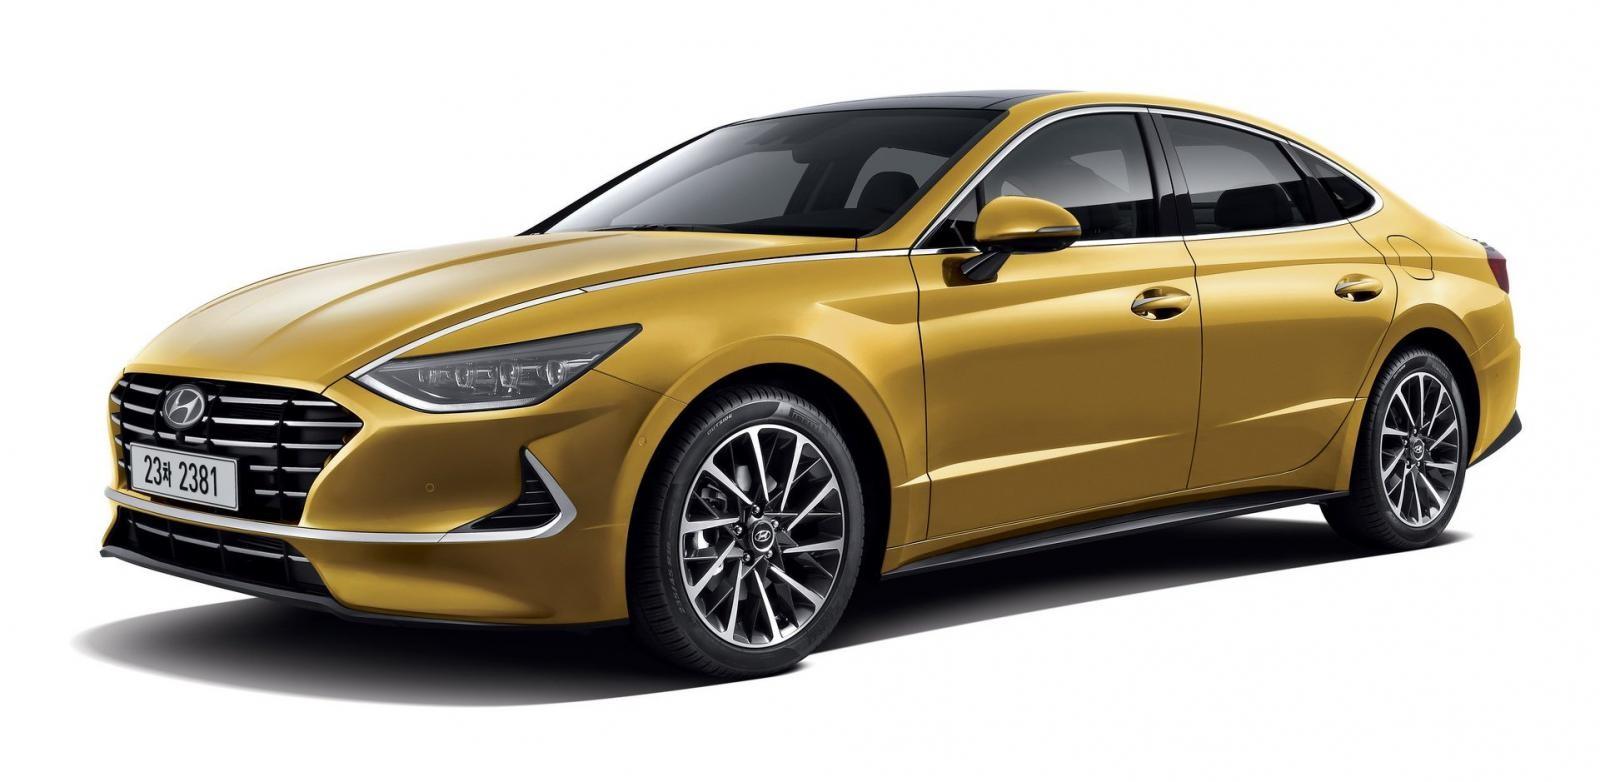 Cận cảnh thiết kế đầu xe của Hyundai Sonata 2020